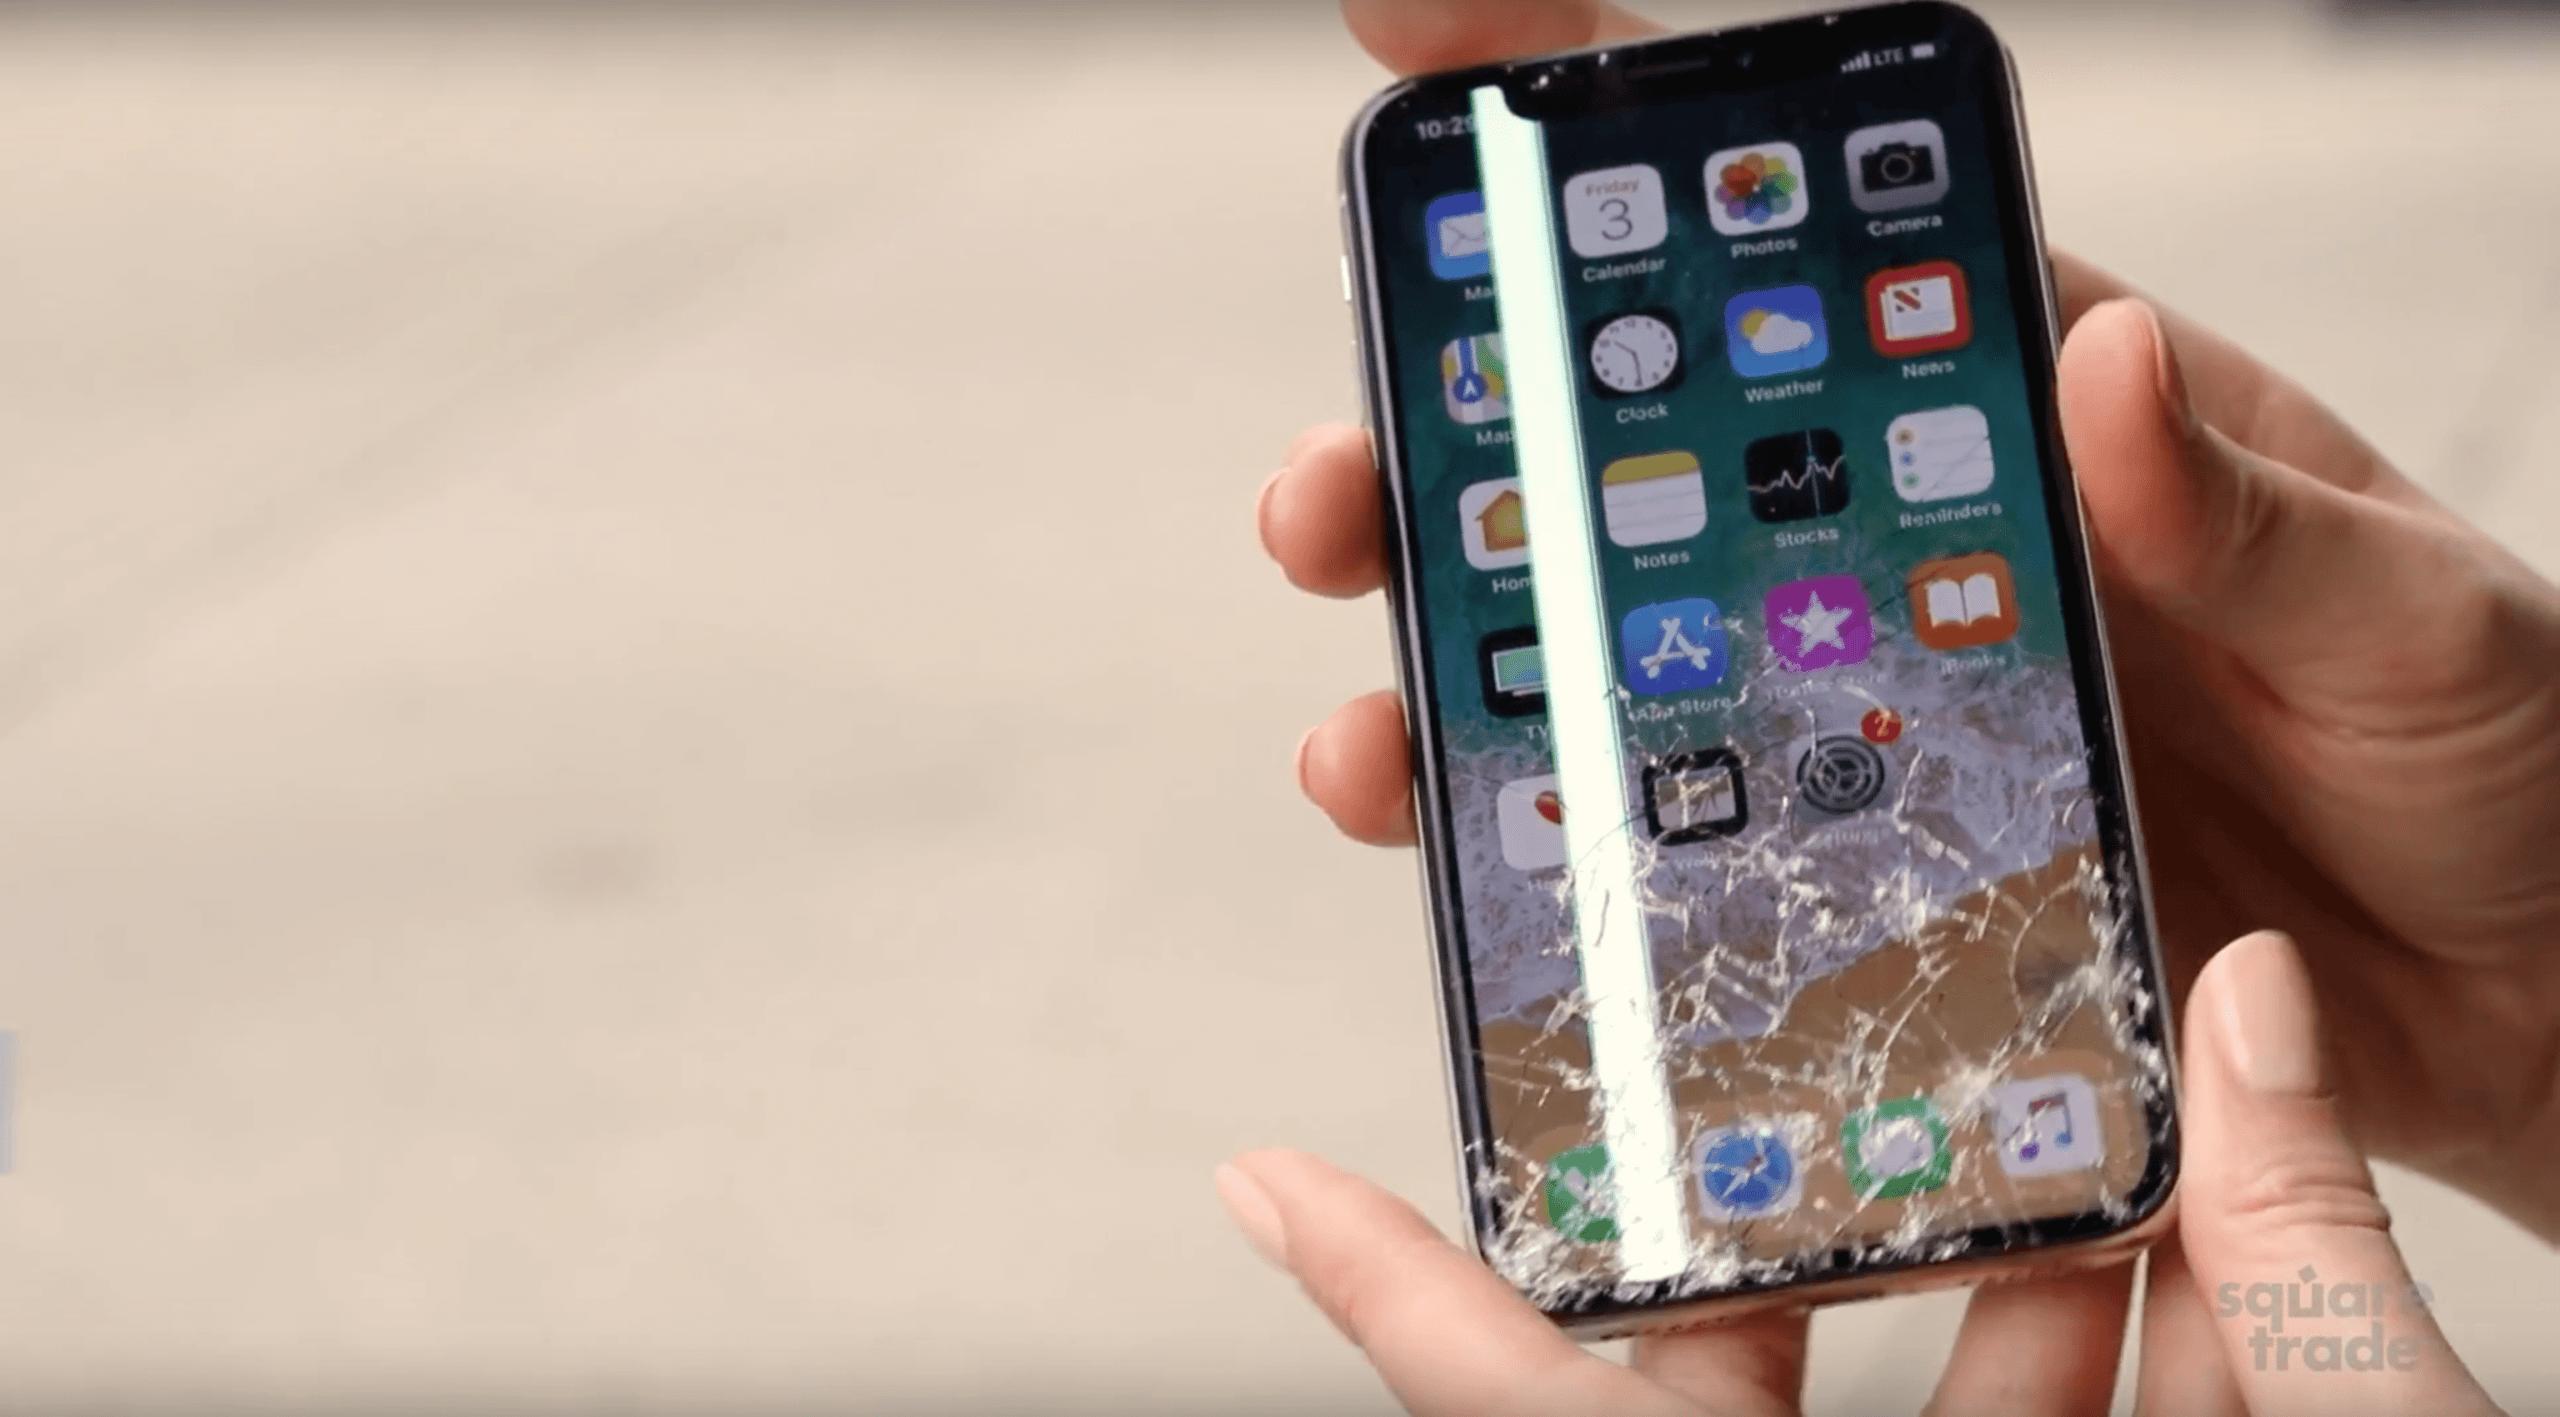 iphone 7 geht nach update nicht mehr an